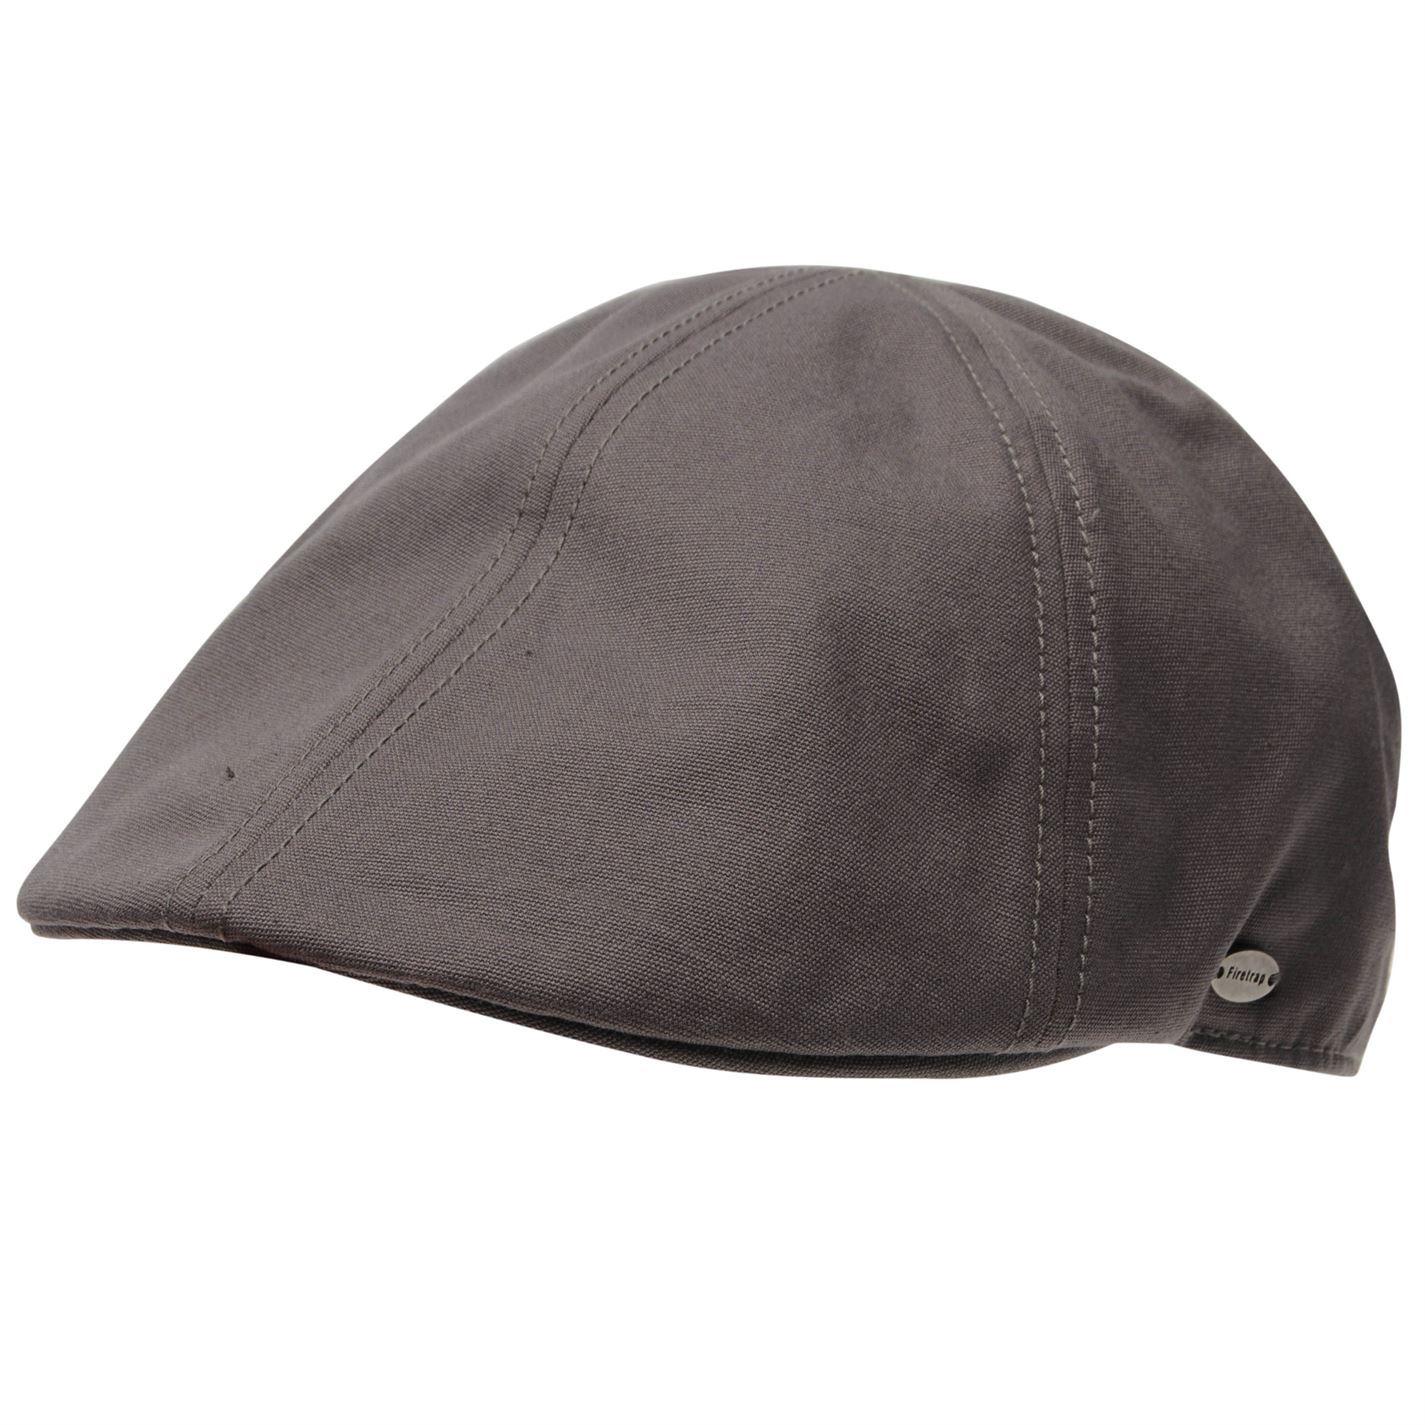 e956878cb6d5d Firetrap Mens Honor Gatsby Cap Hat Newsboy Baker Boy Caps Accessories